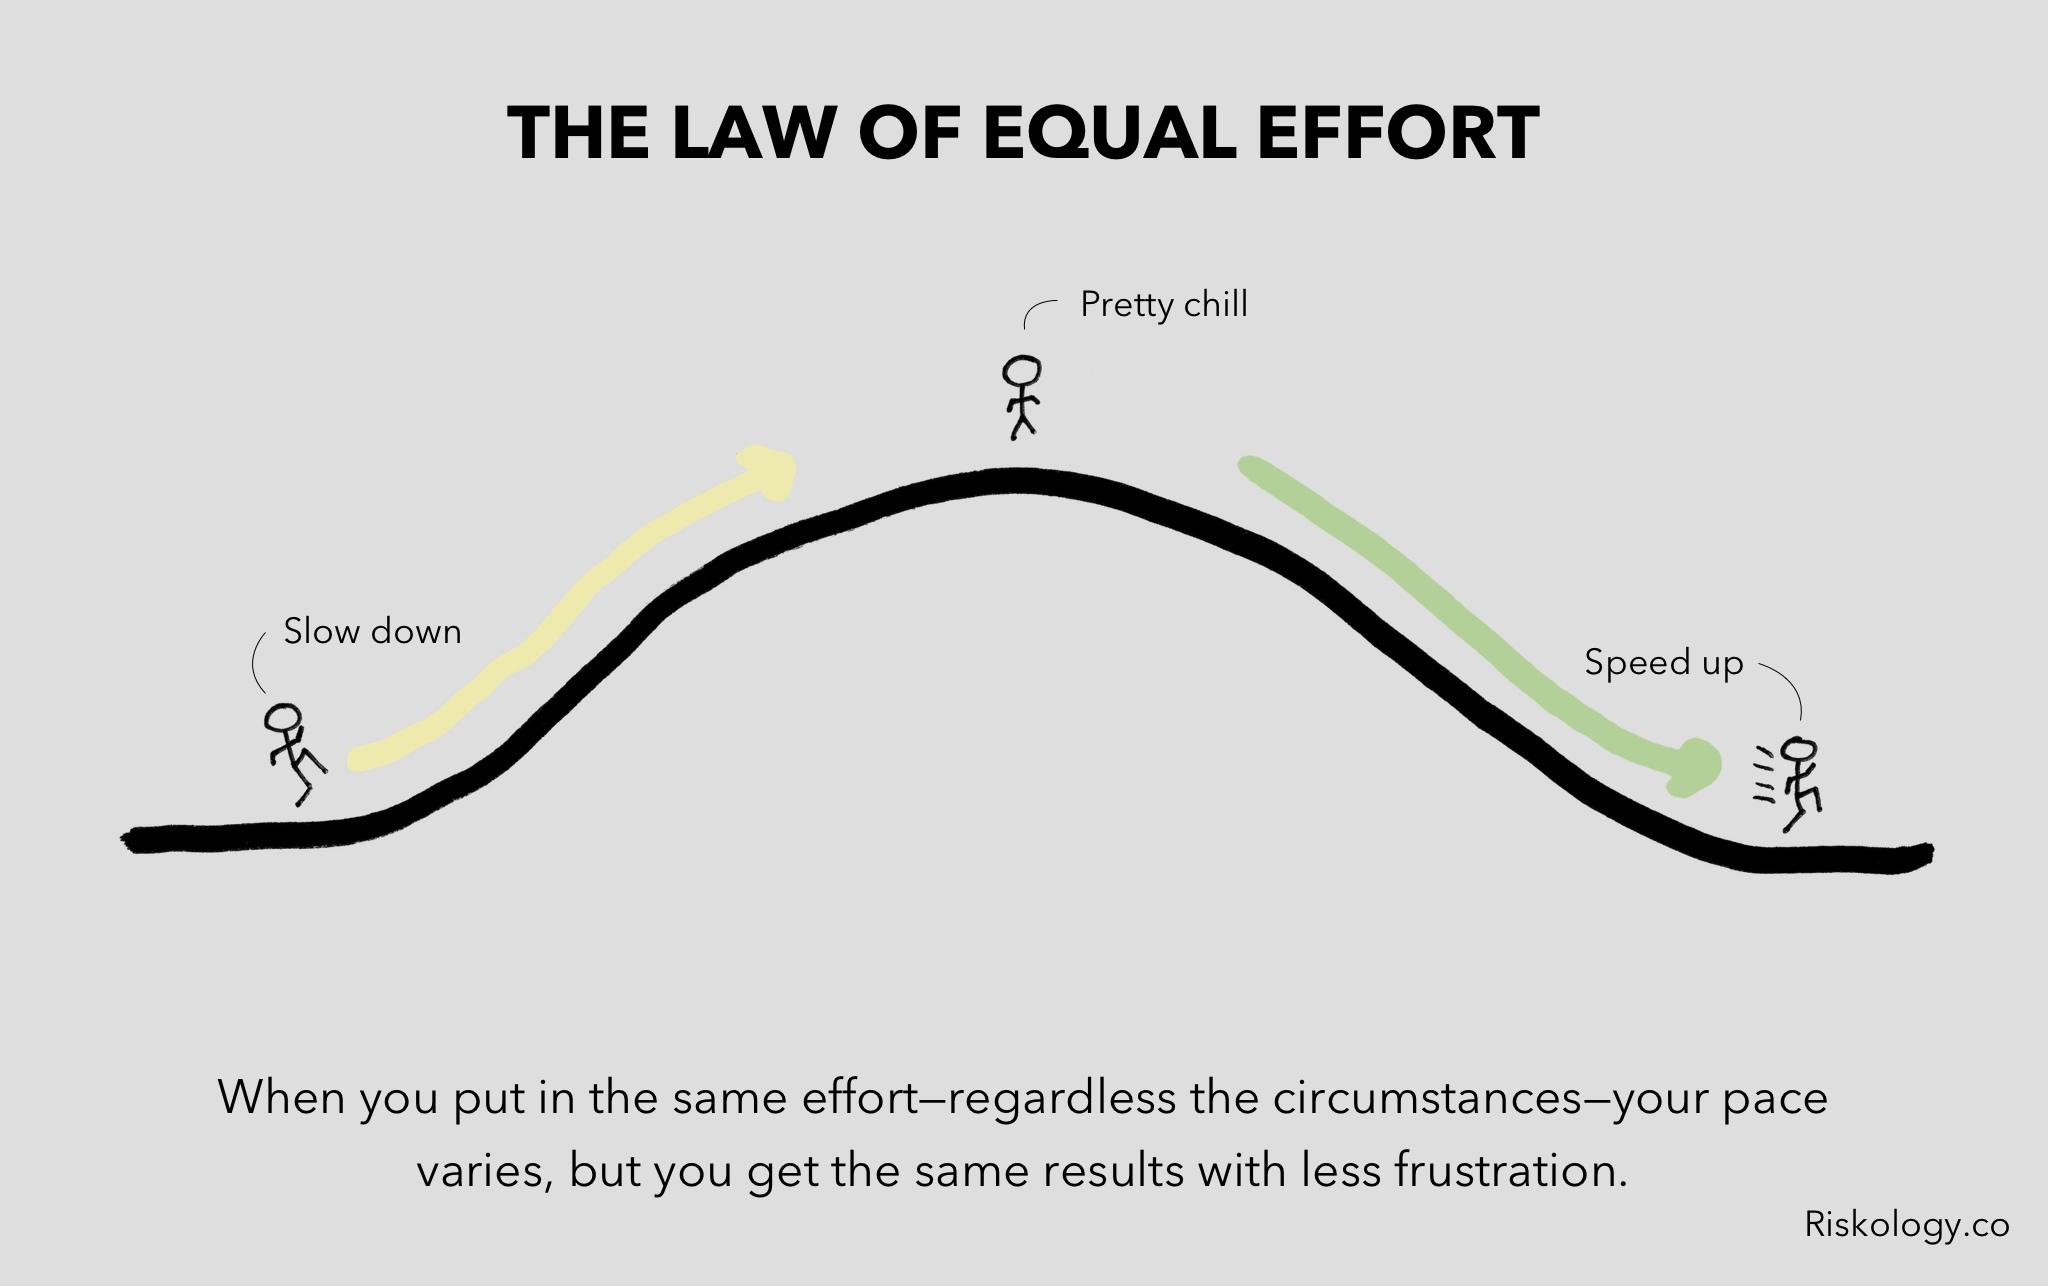 Law of Equal Effort